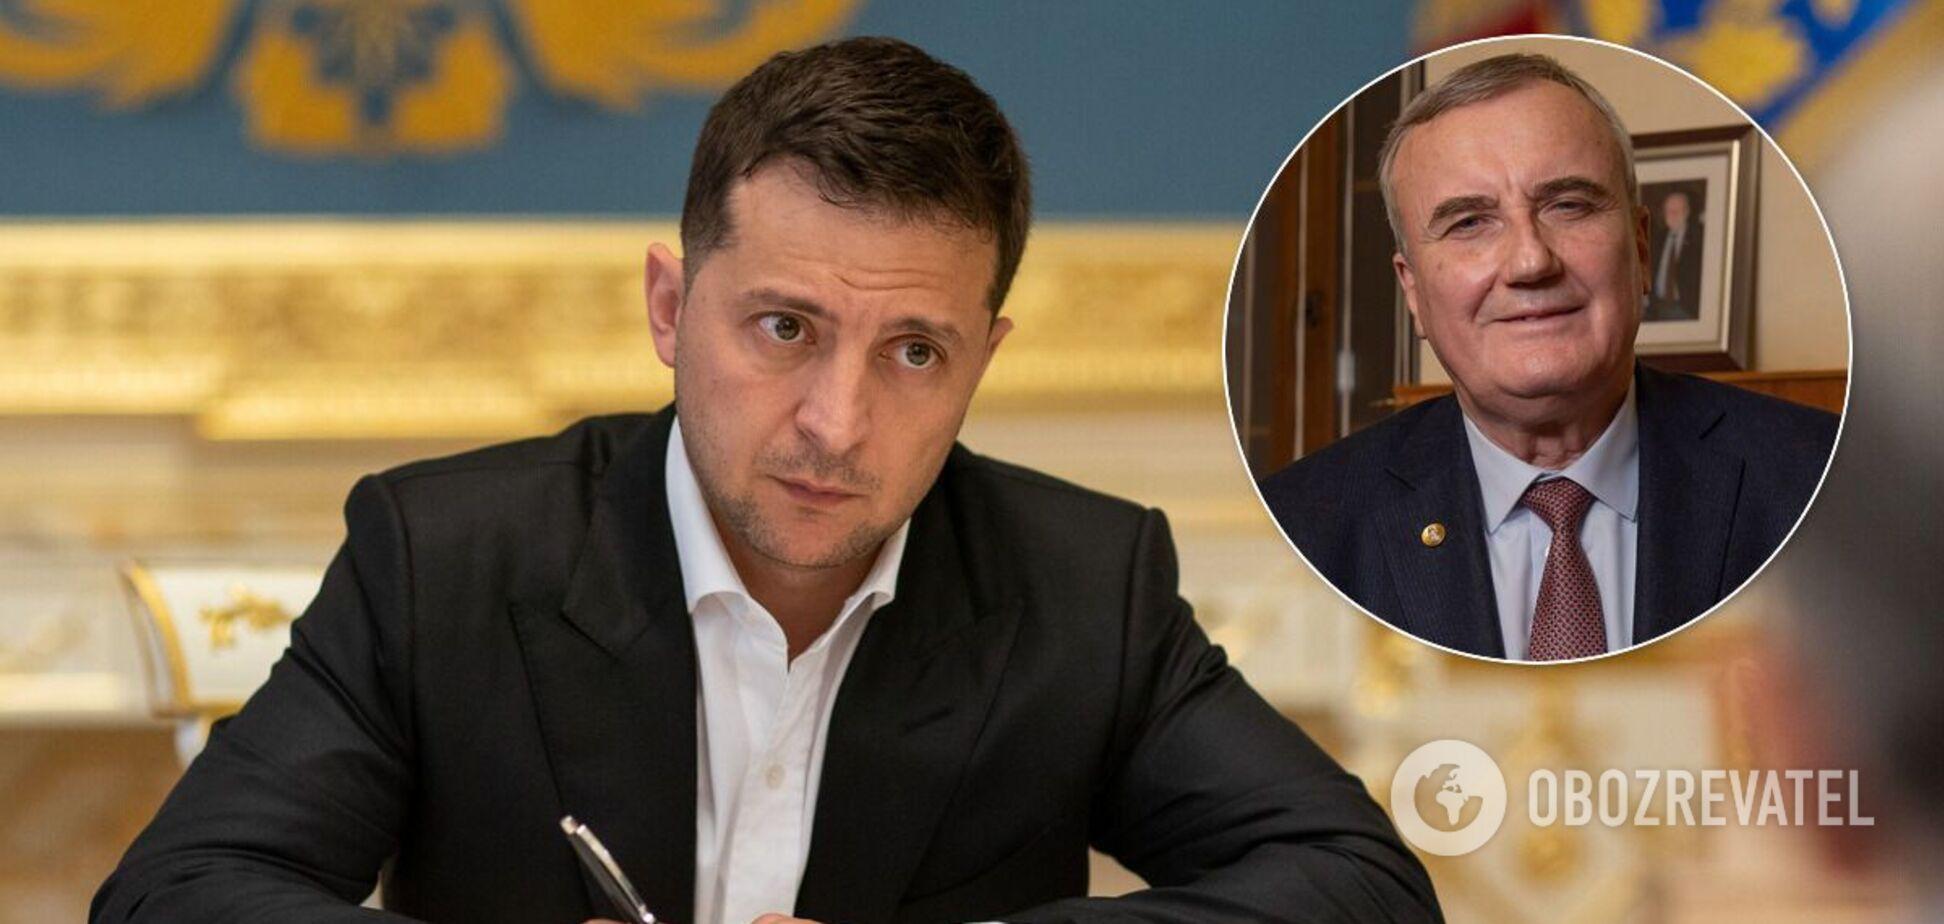 Володимир Зеленський і Анатолій Загородній